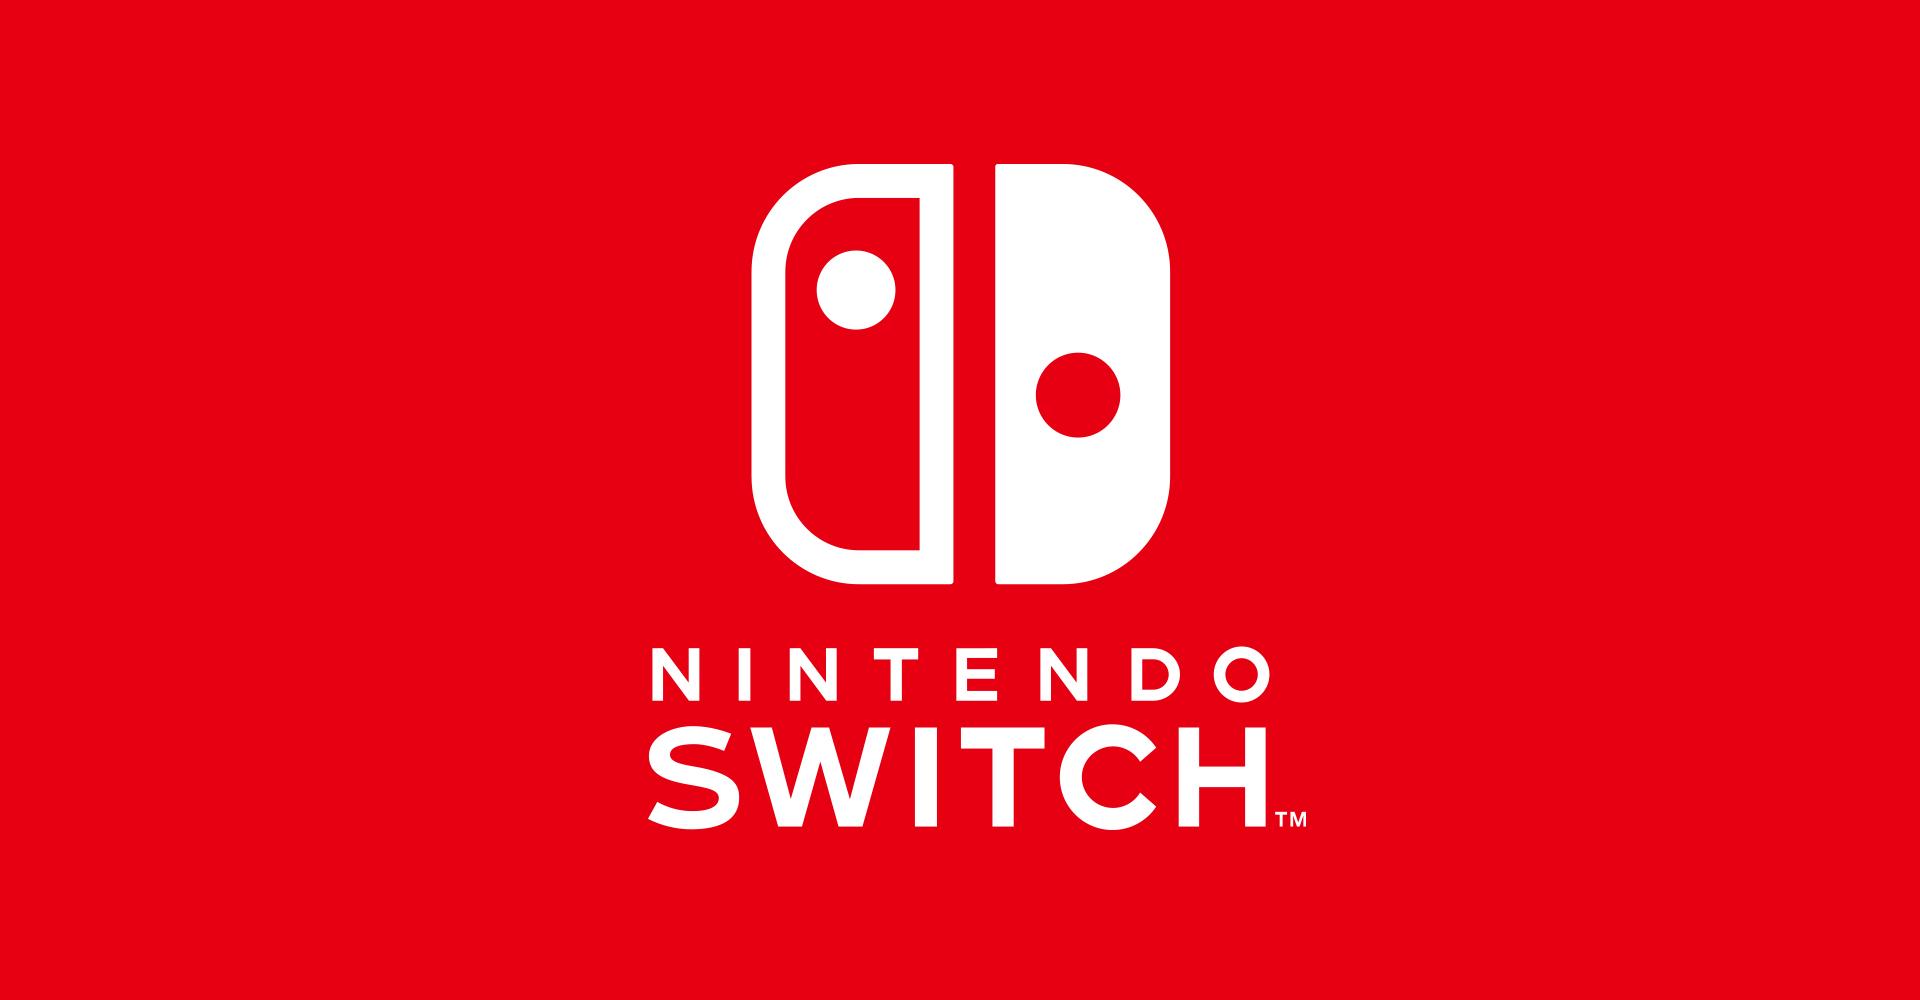 Nintendo Switch recebe atualização de Firmware: 4.0.0; Confira as novidades